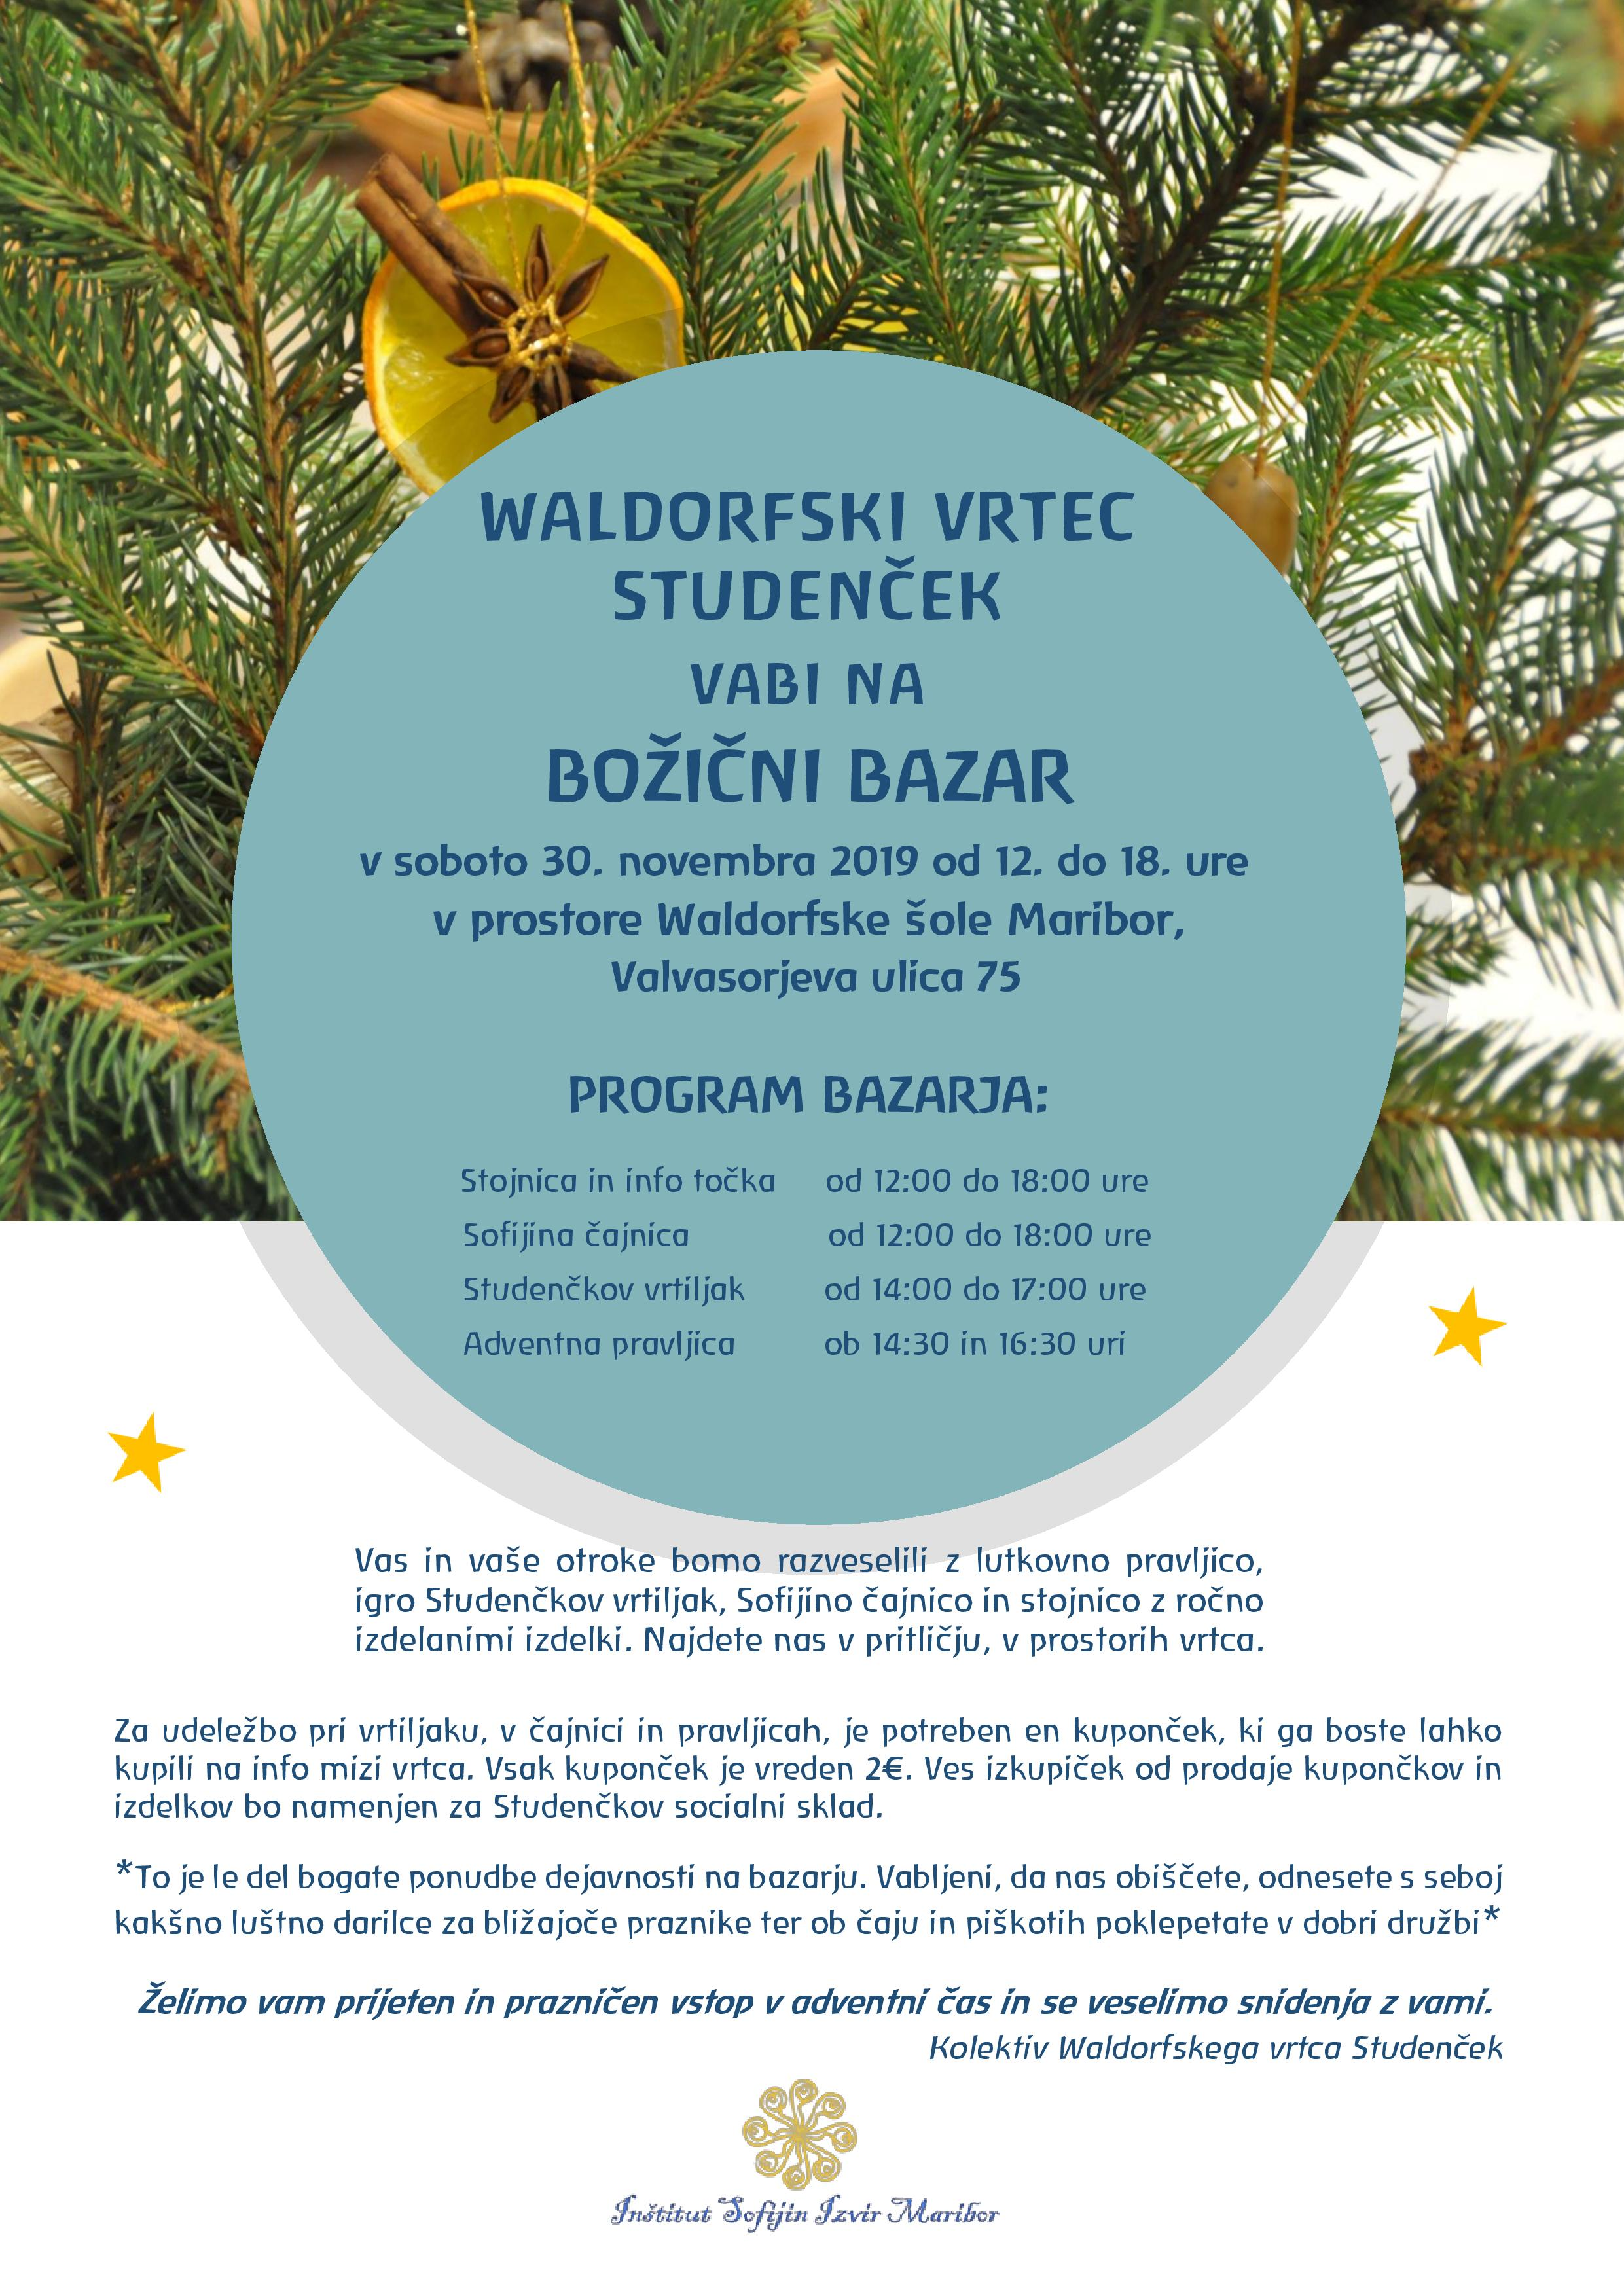 Vabilo_Bozicni_Bazar_30.11.2019